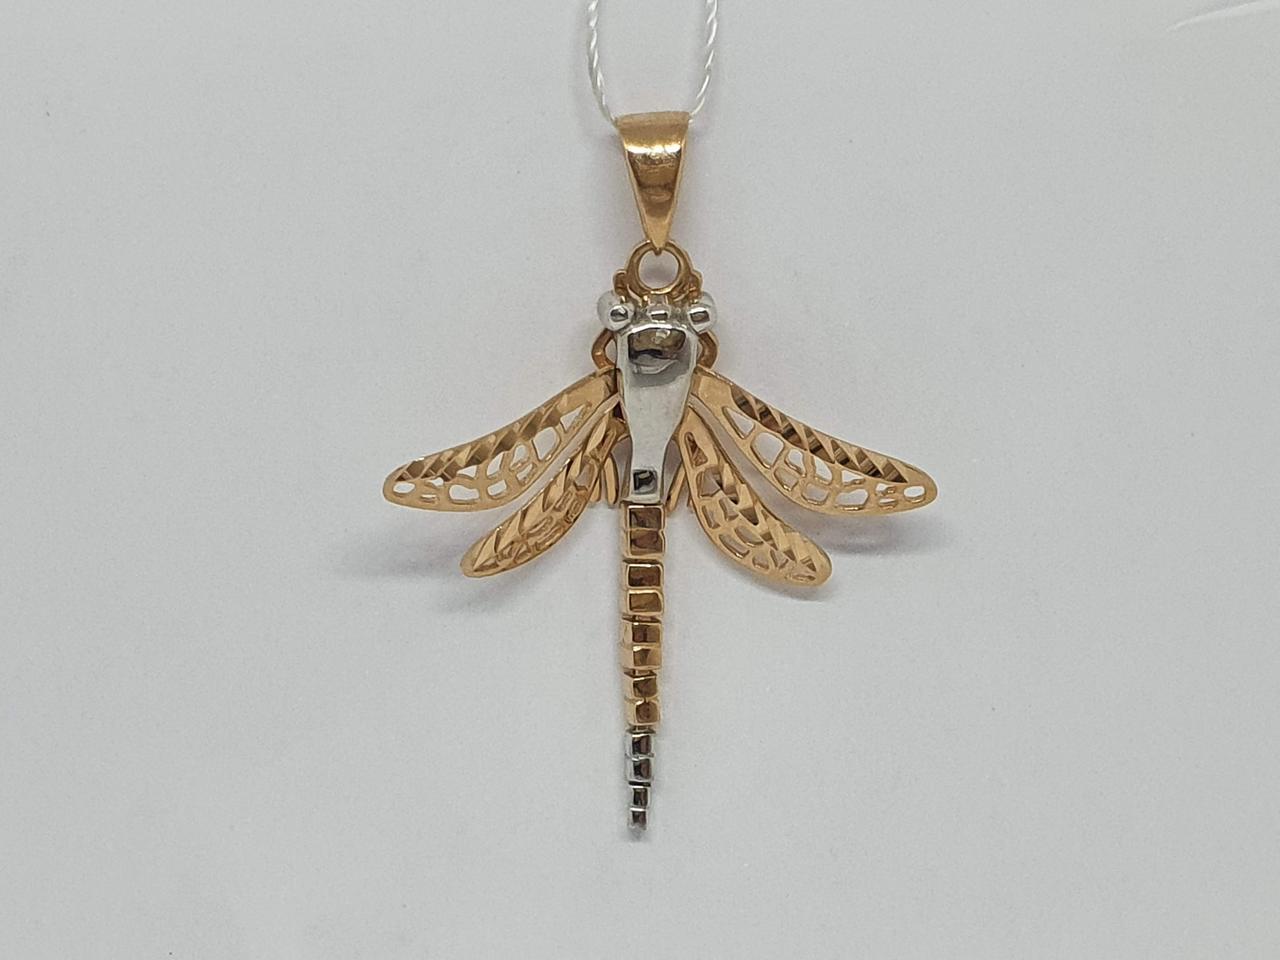 Золота підвіска Стрекоза. Артикул 3591/01/3